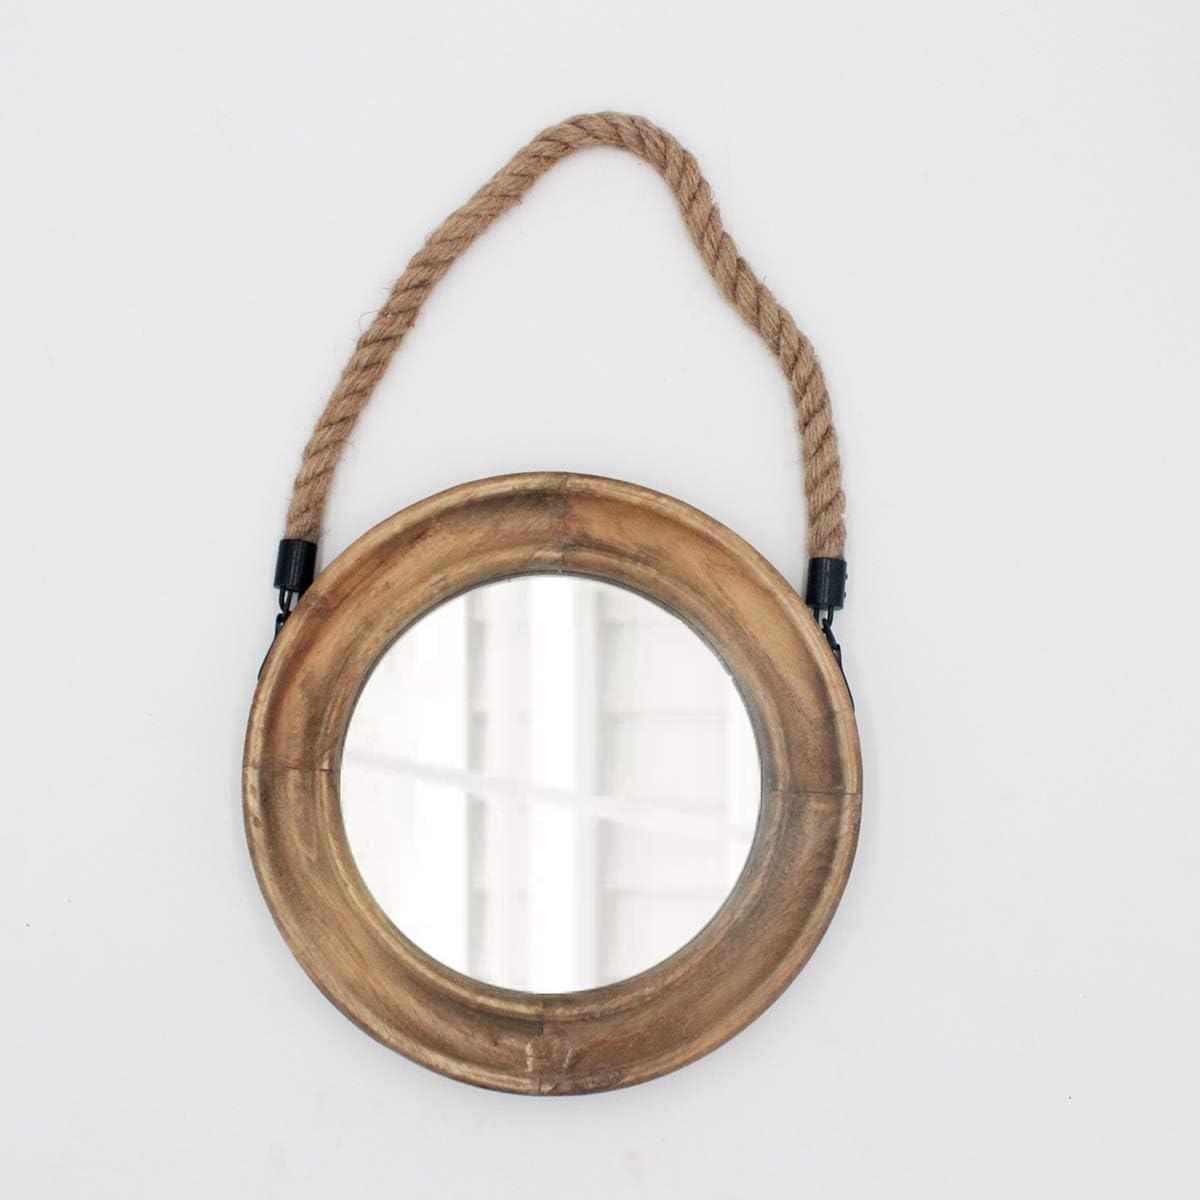 Rustic Round Decorative Mirror